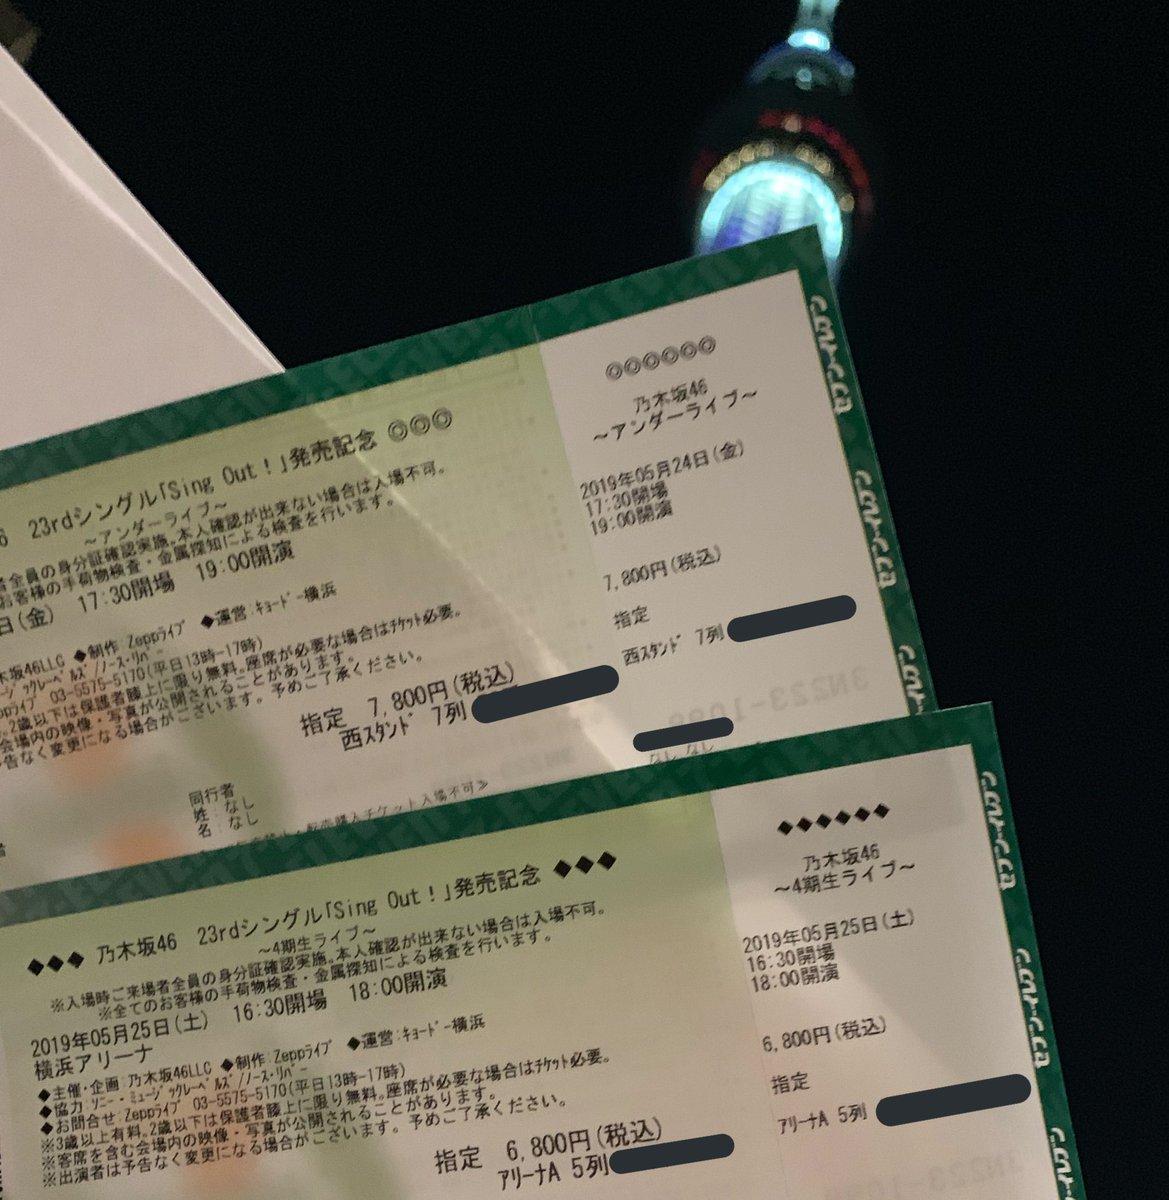 test ツイッターメディア - ザンビカフェ&スカイツリー離脱  帰る途中でアンダラと4期生ライブのチケット発券してきたんやけど、、、 アンダラはスタンド7列 4期生ライブはアリーナAの5列目!! 去年の名古屋全ツ以来のアリーナAだ笑 やばい、嬉しすぎる😊😊 https://t.co/epw0vGp4ne